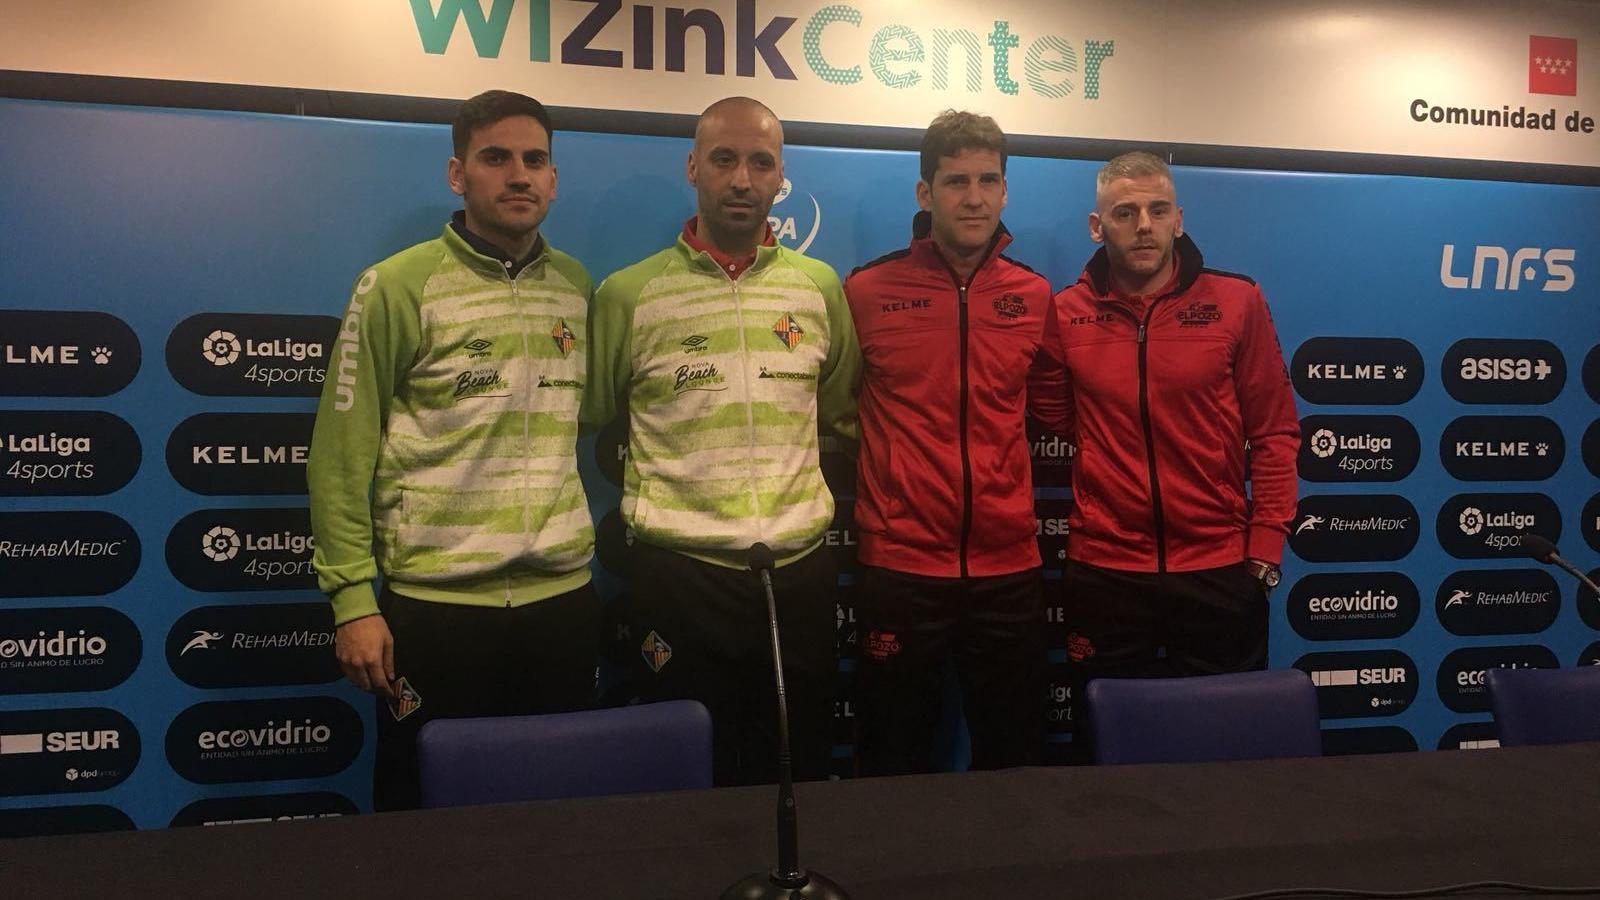 El WiZink Center mostra la Copa d'Espanya de Futbol